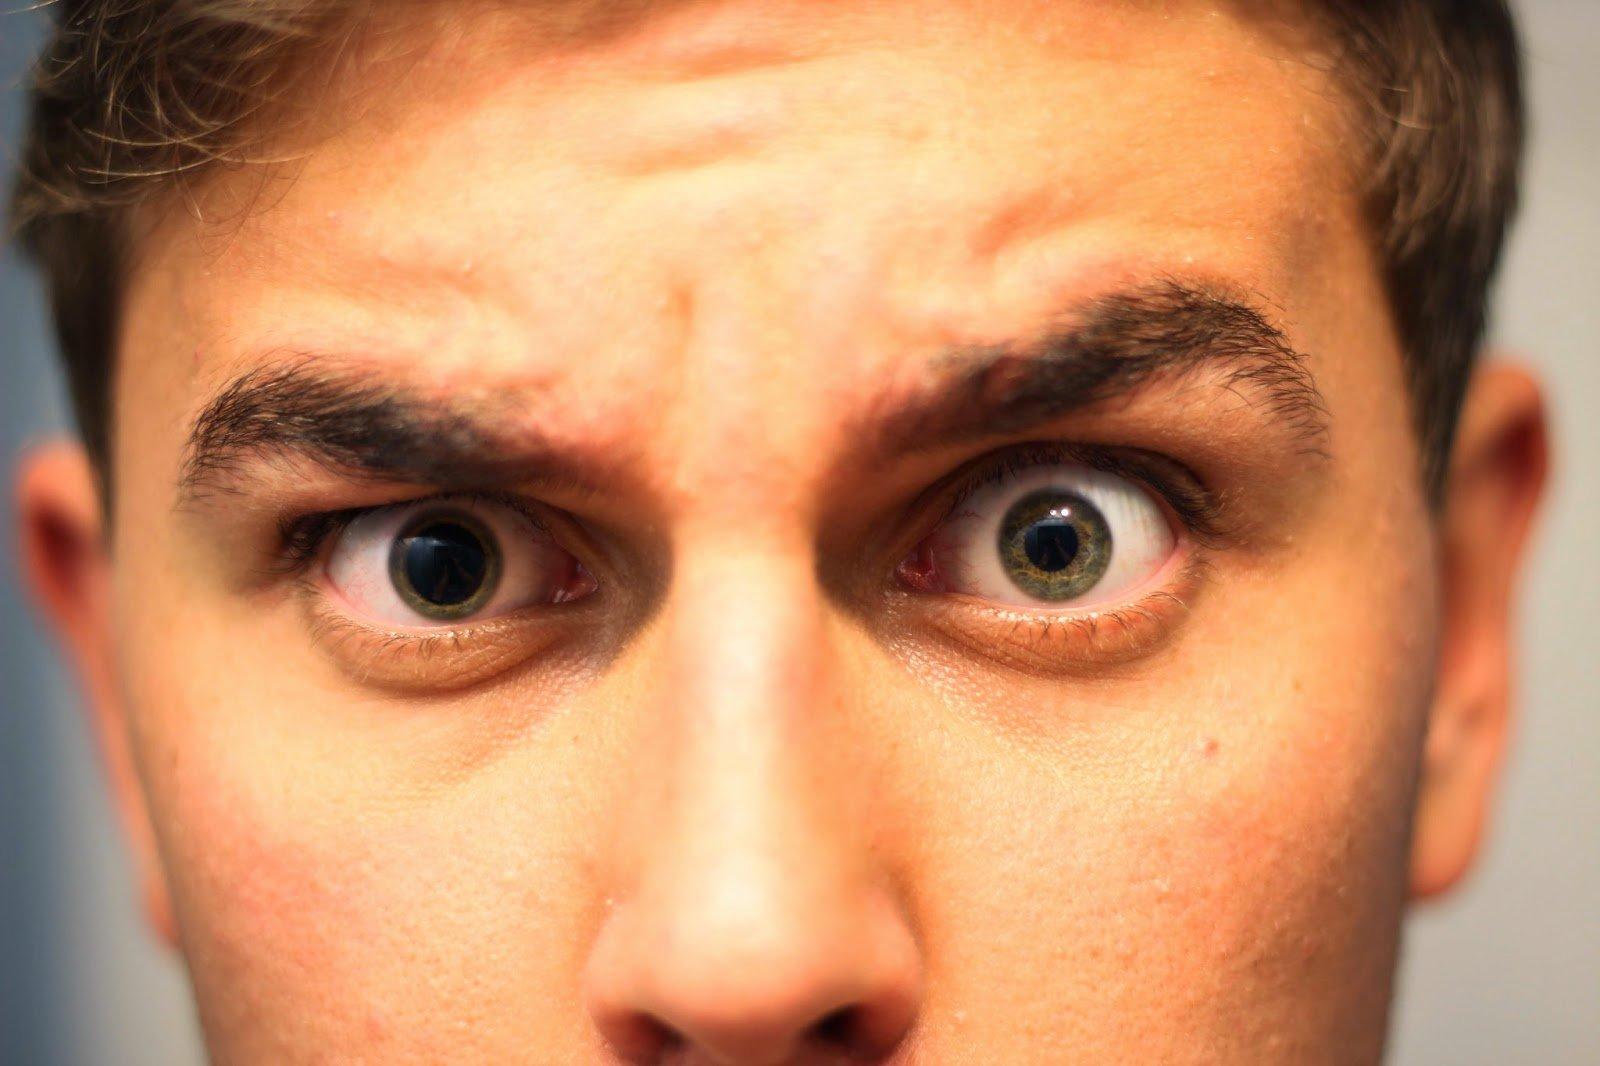 Состояние глаз — показатель общего здоровья